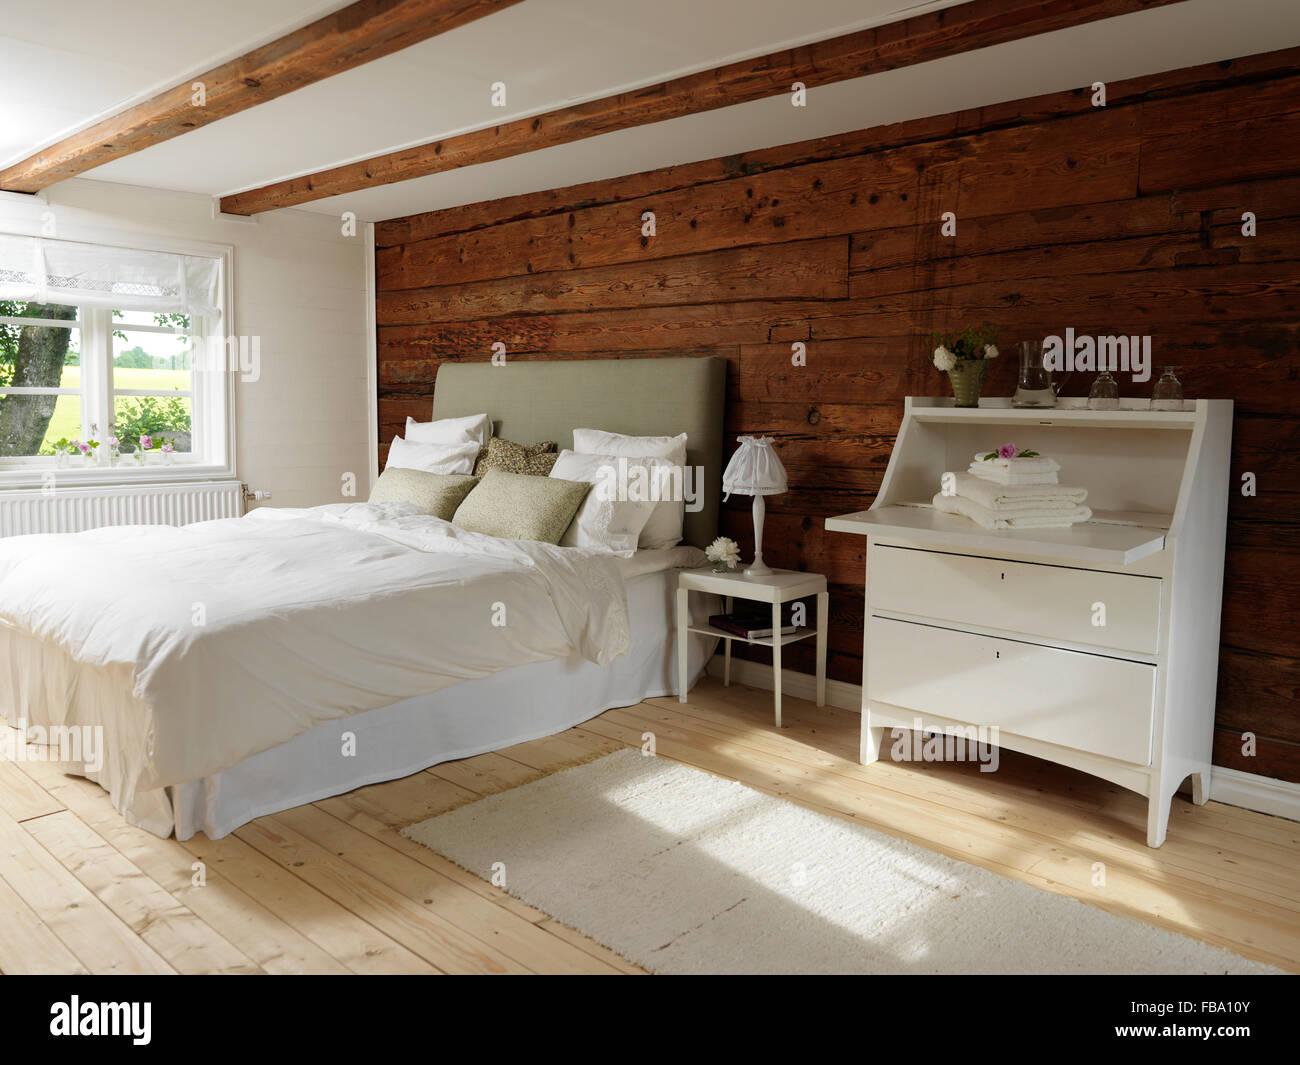 https://c8.alamy.com/compde/fba10y/schweden-skandinavischen-stil-schlafzimmer-mit-holz-und-weissen-farbschema-fba10y.jpg